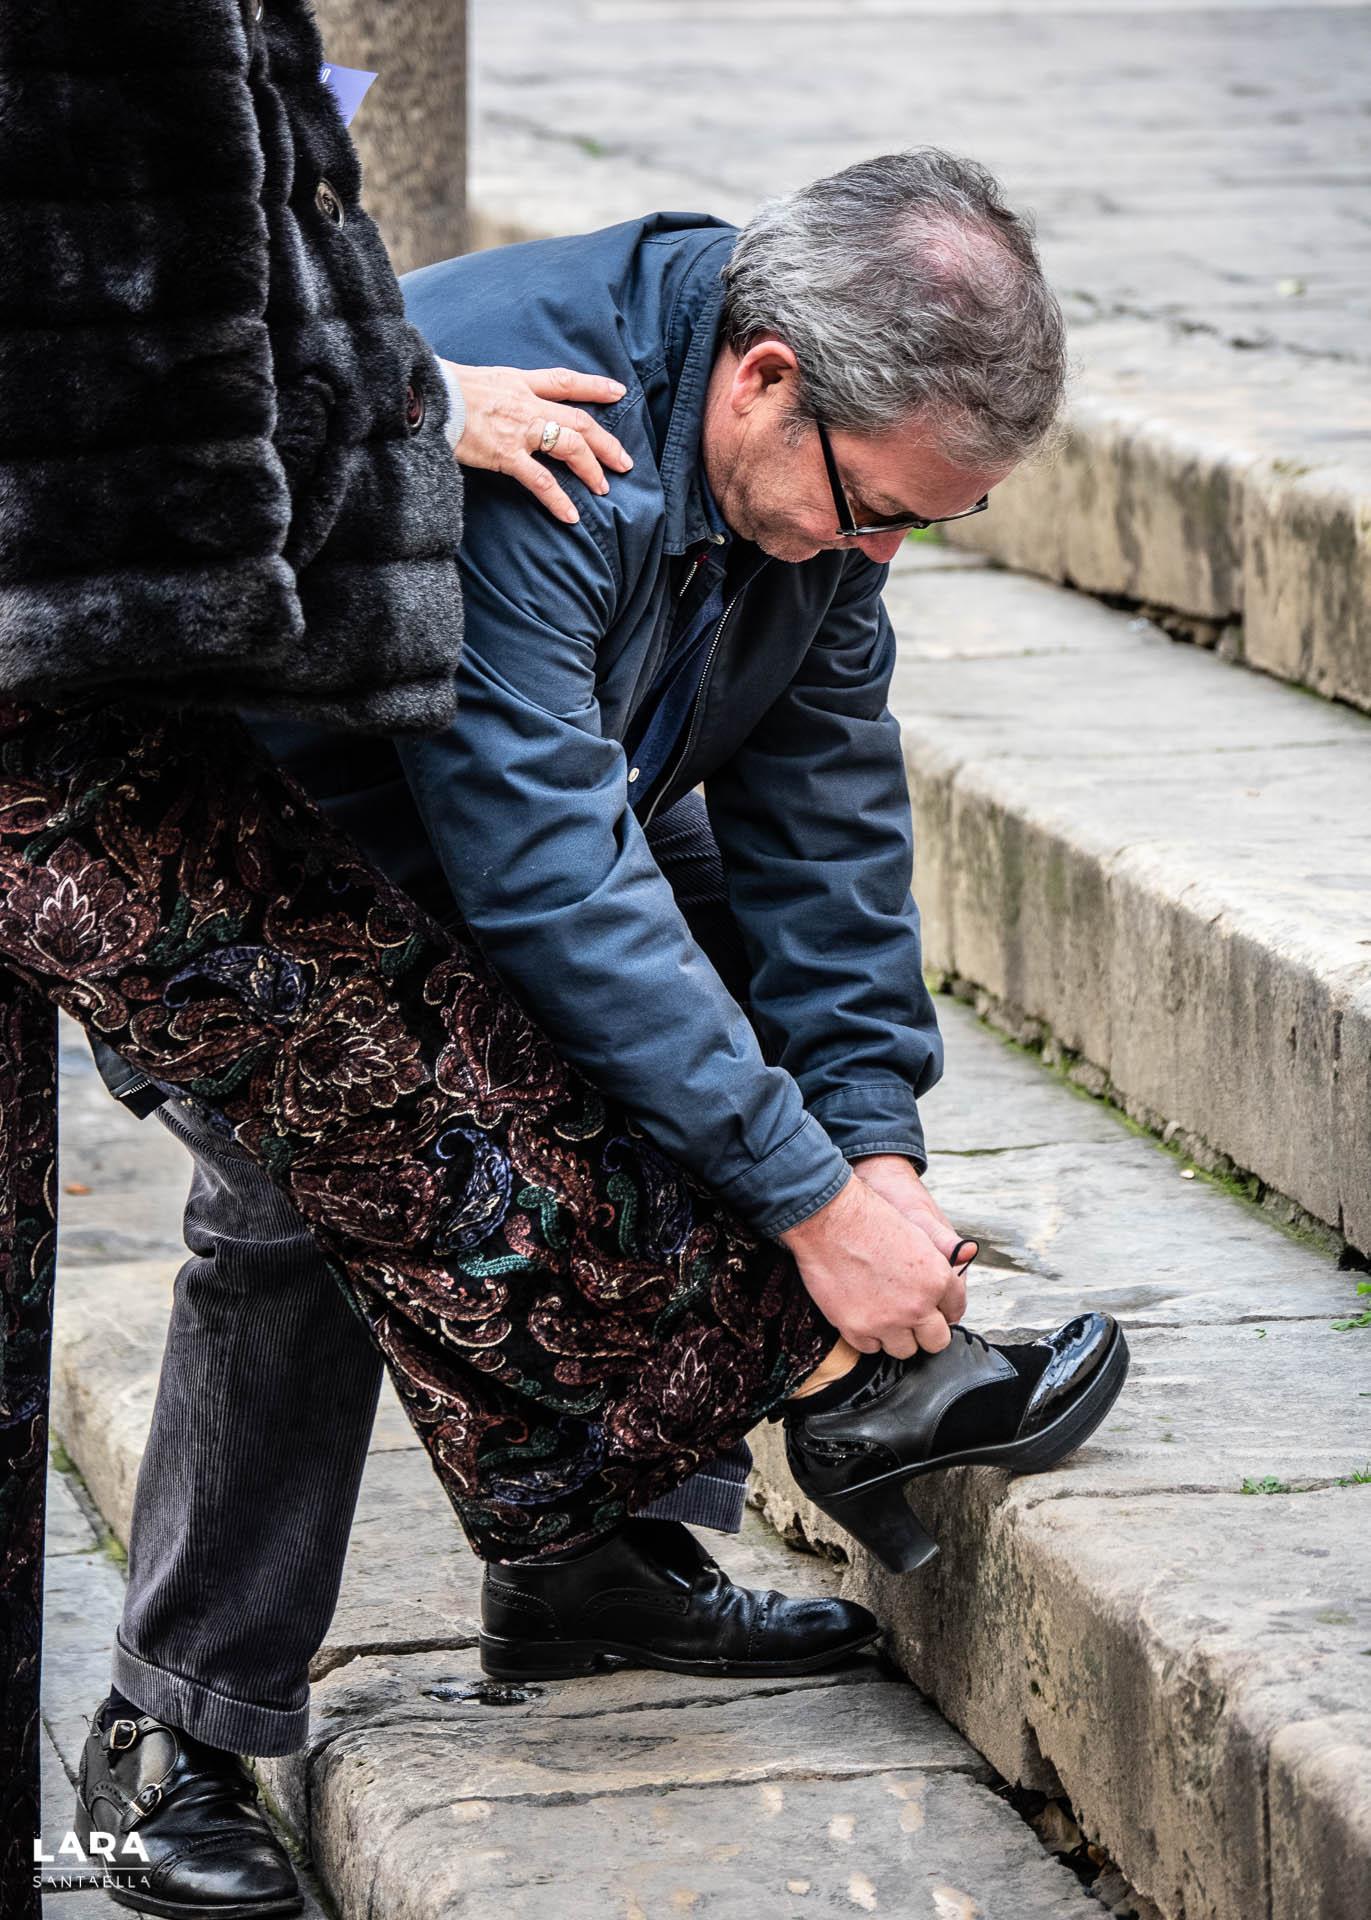 Hombre atando cordones a su mujer